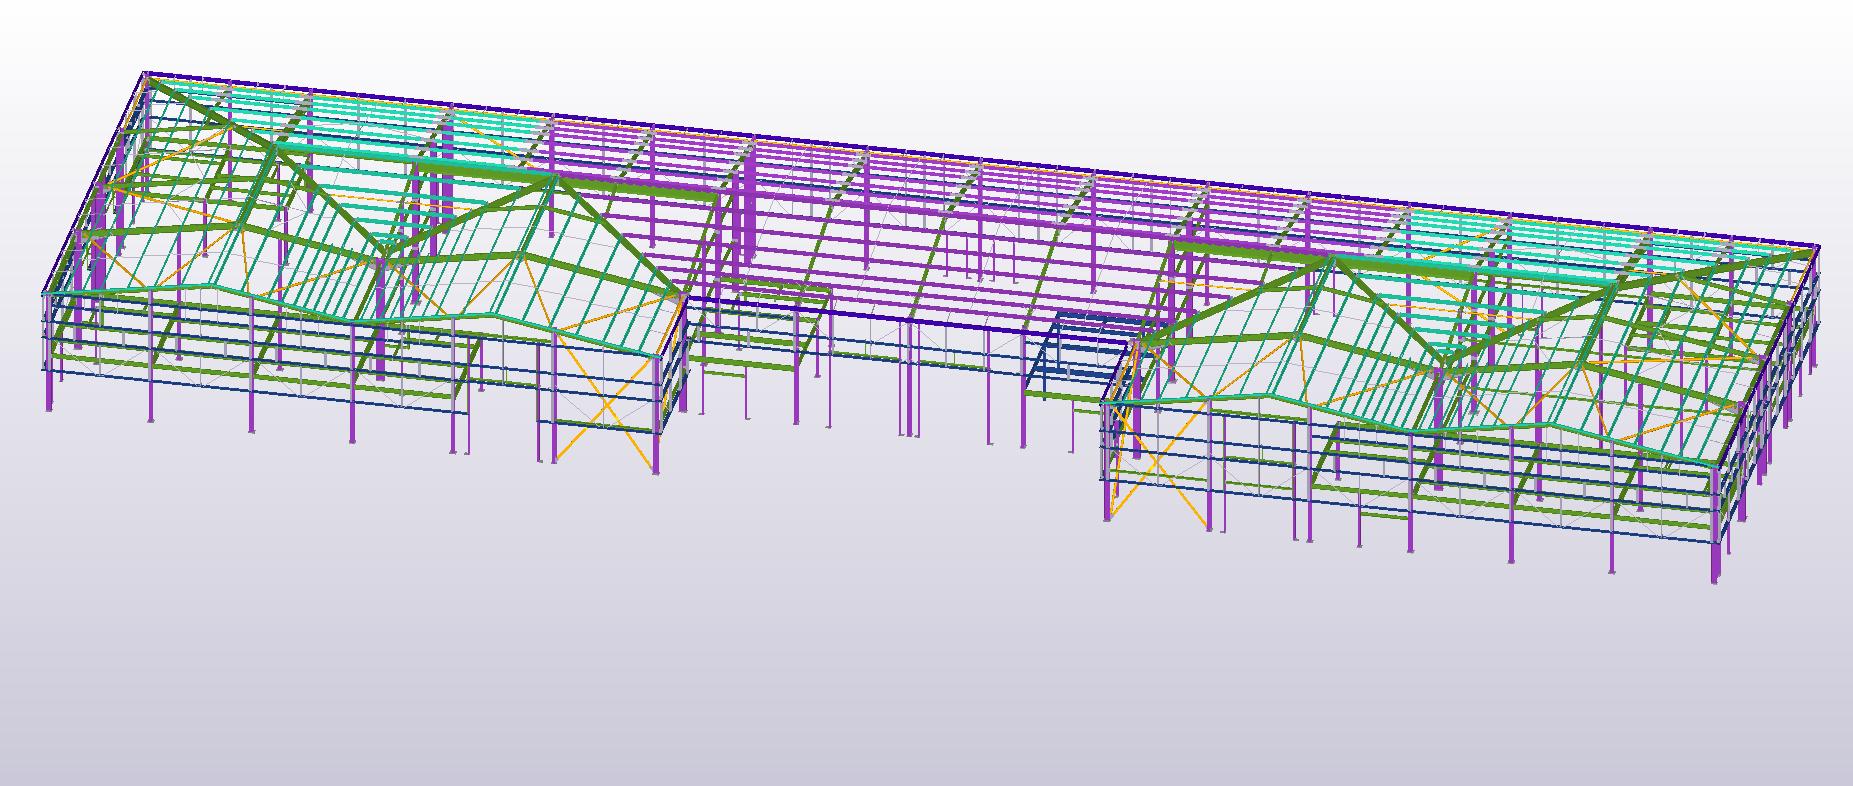 https://0201.nccdn.net/1_2/000/000/0ee/839/Dunsfold-Building-1---Model-1853x786.jpg